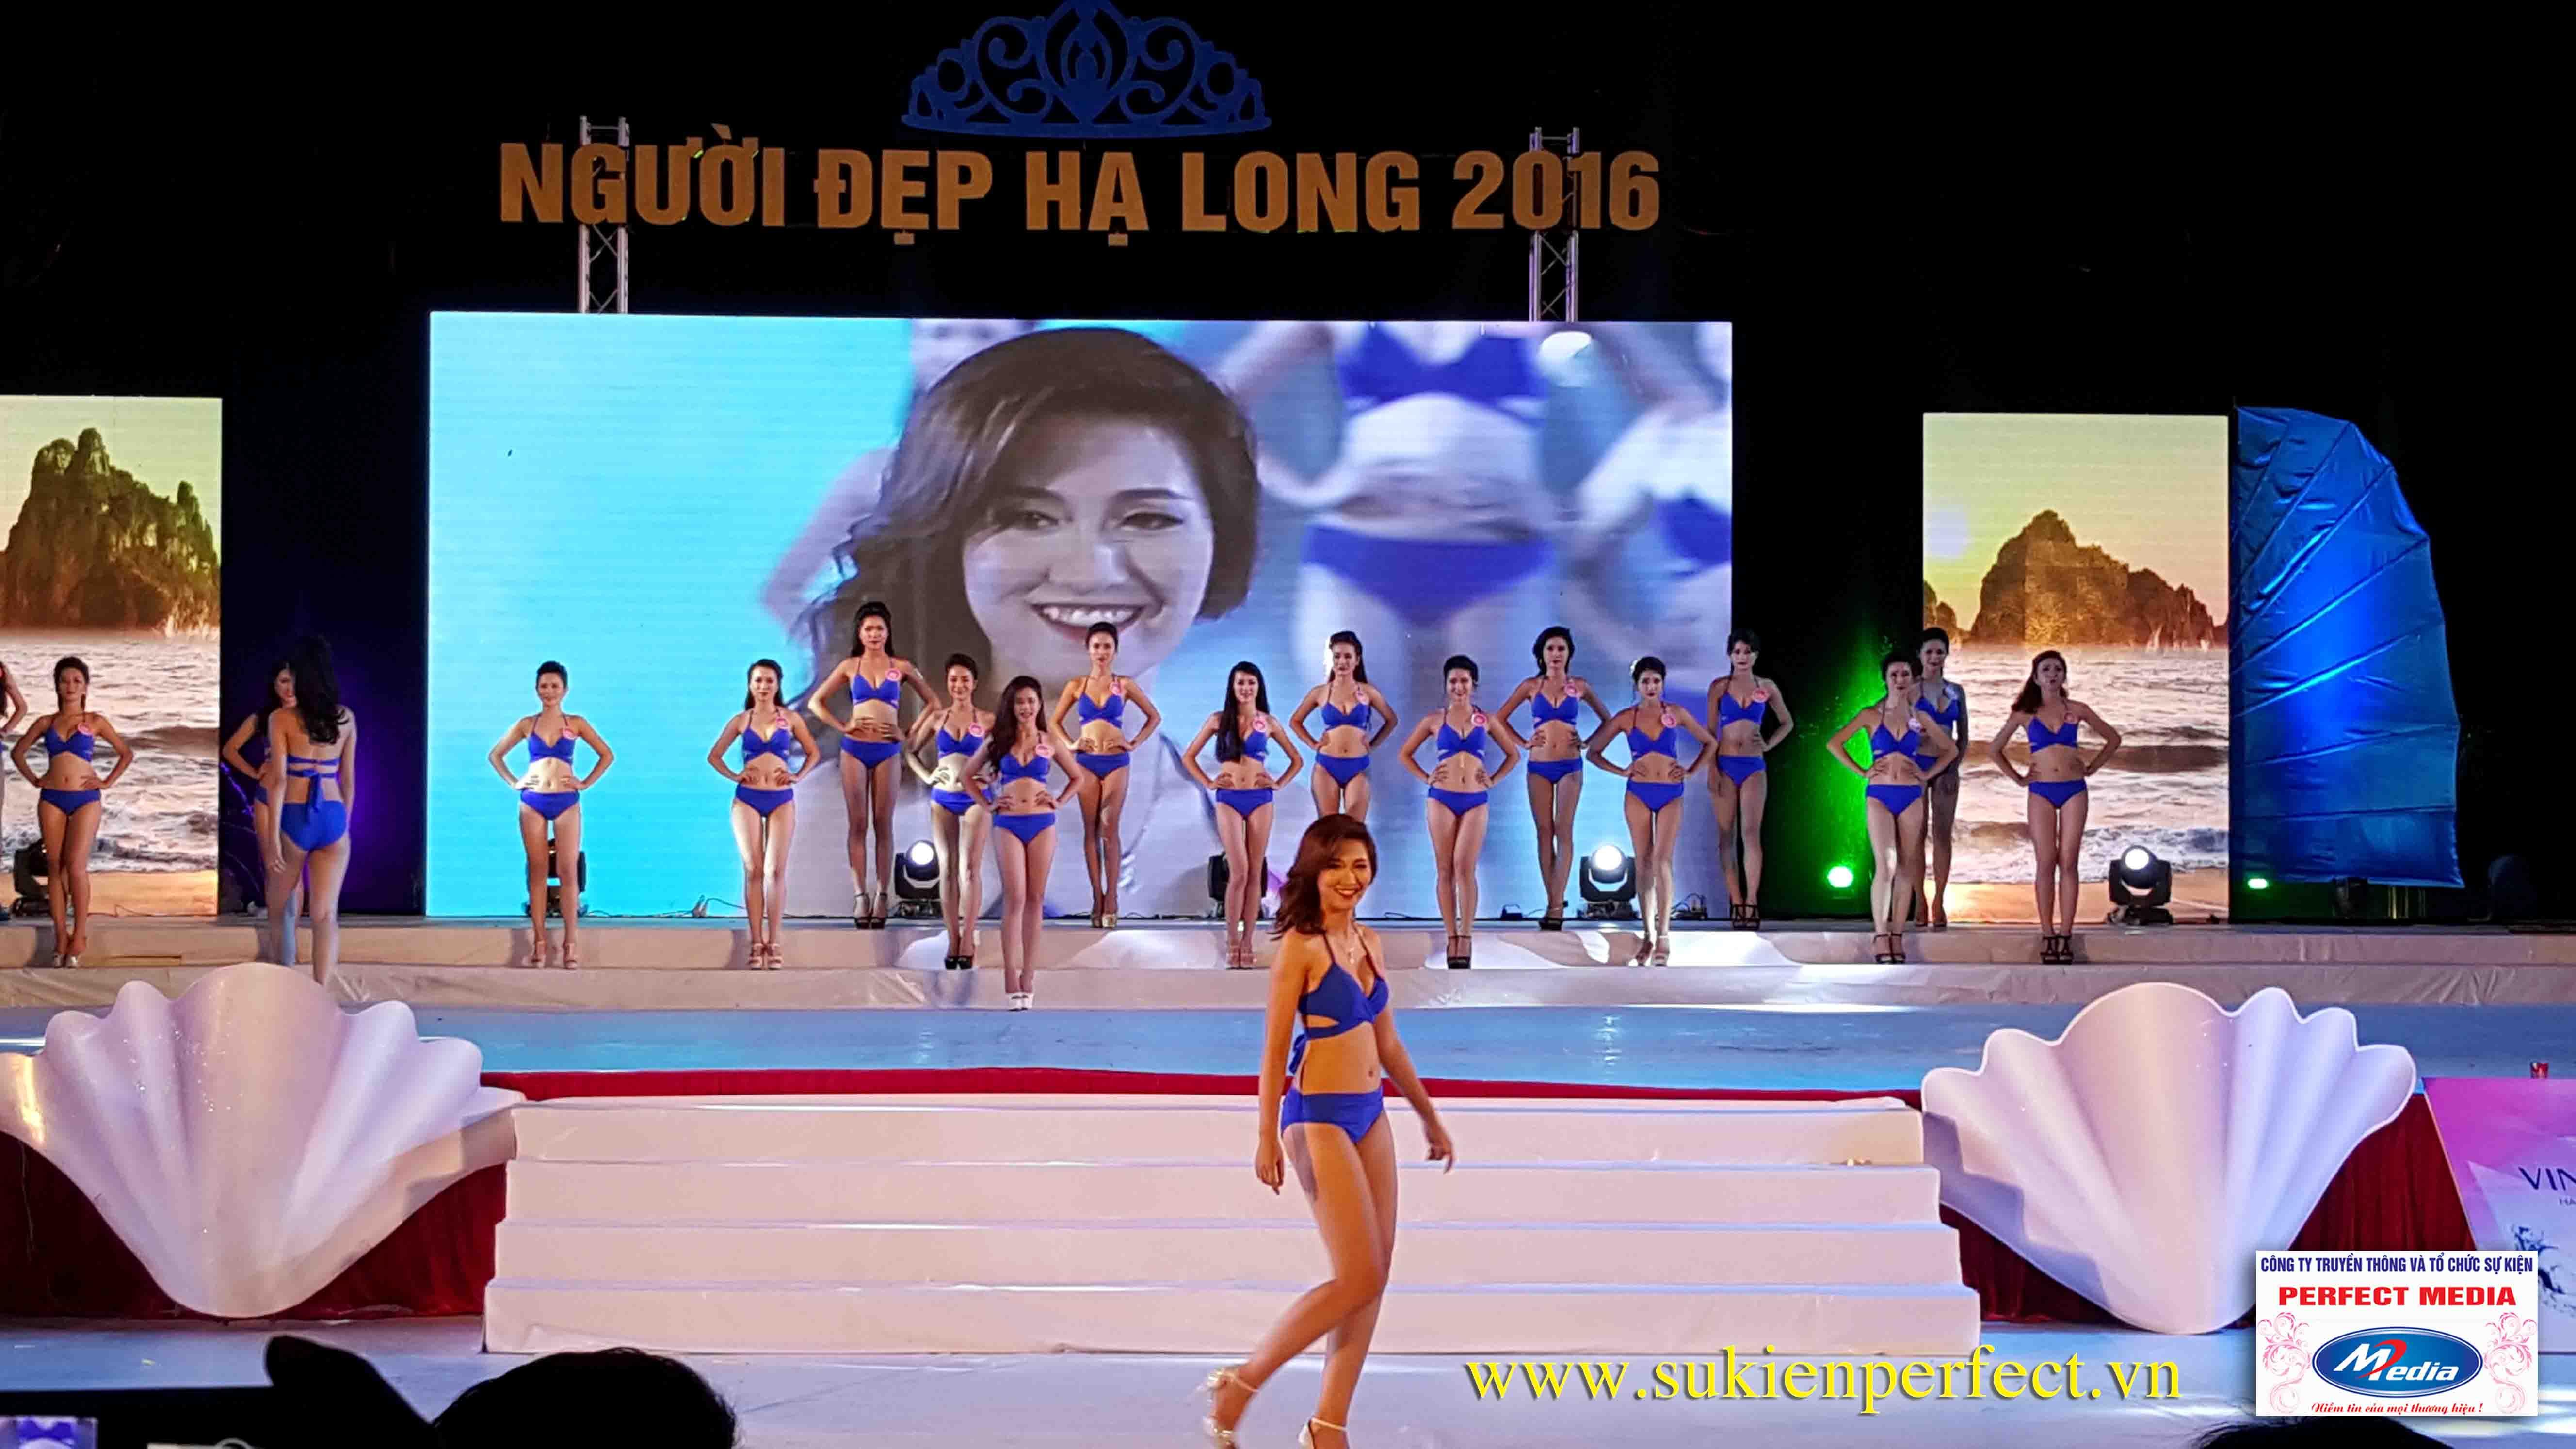 Hình ảnh các người đẹp trong chương trình Người đẹp Hạ Long 2016 – Bikini 12